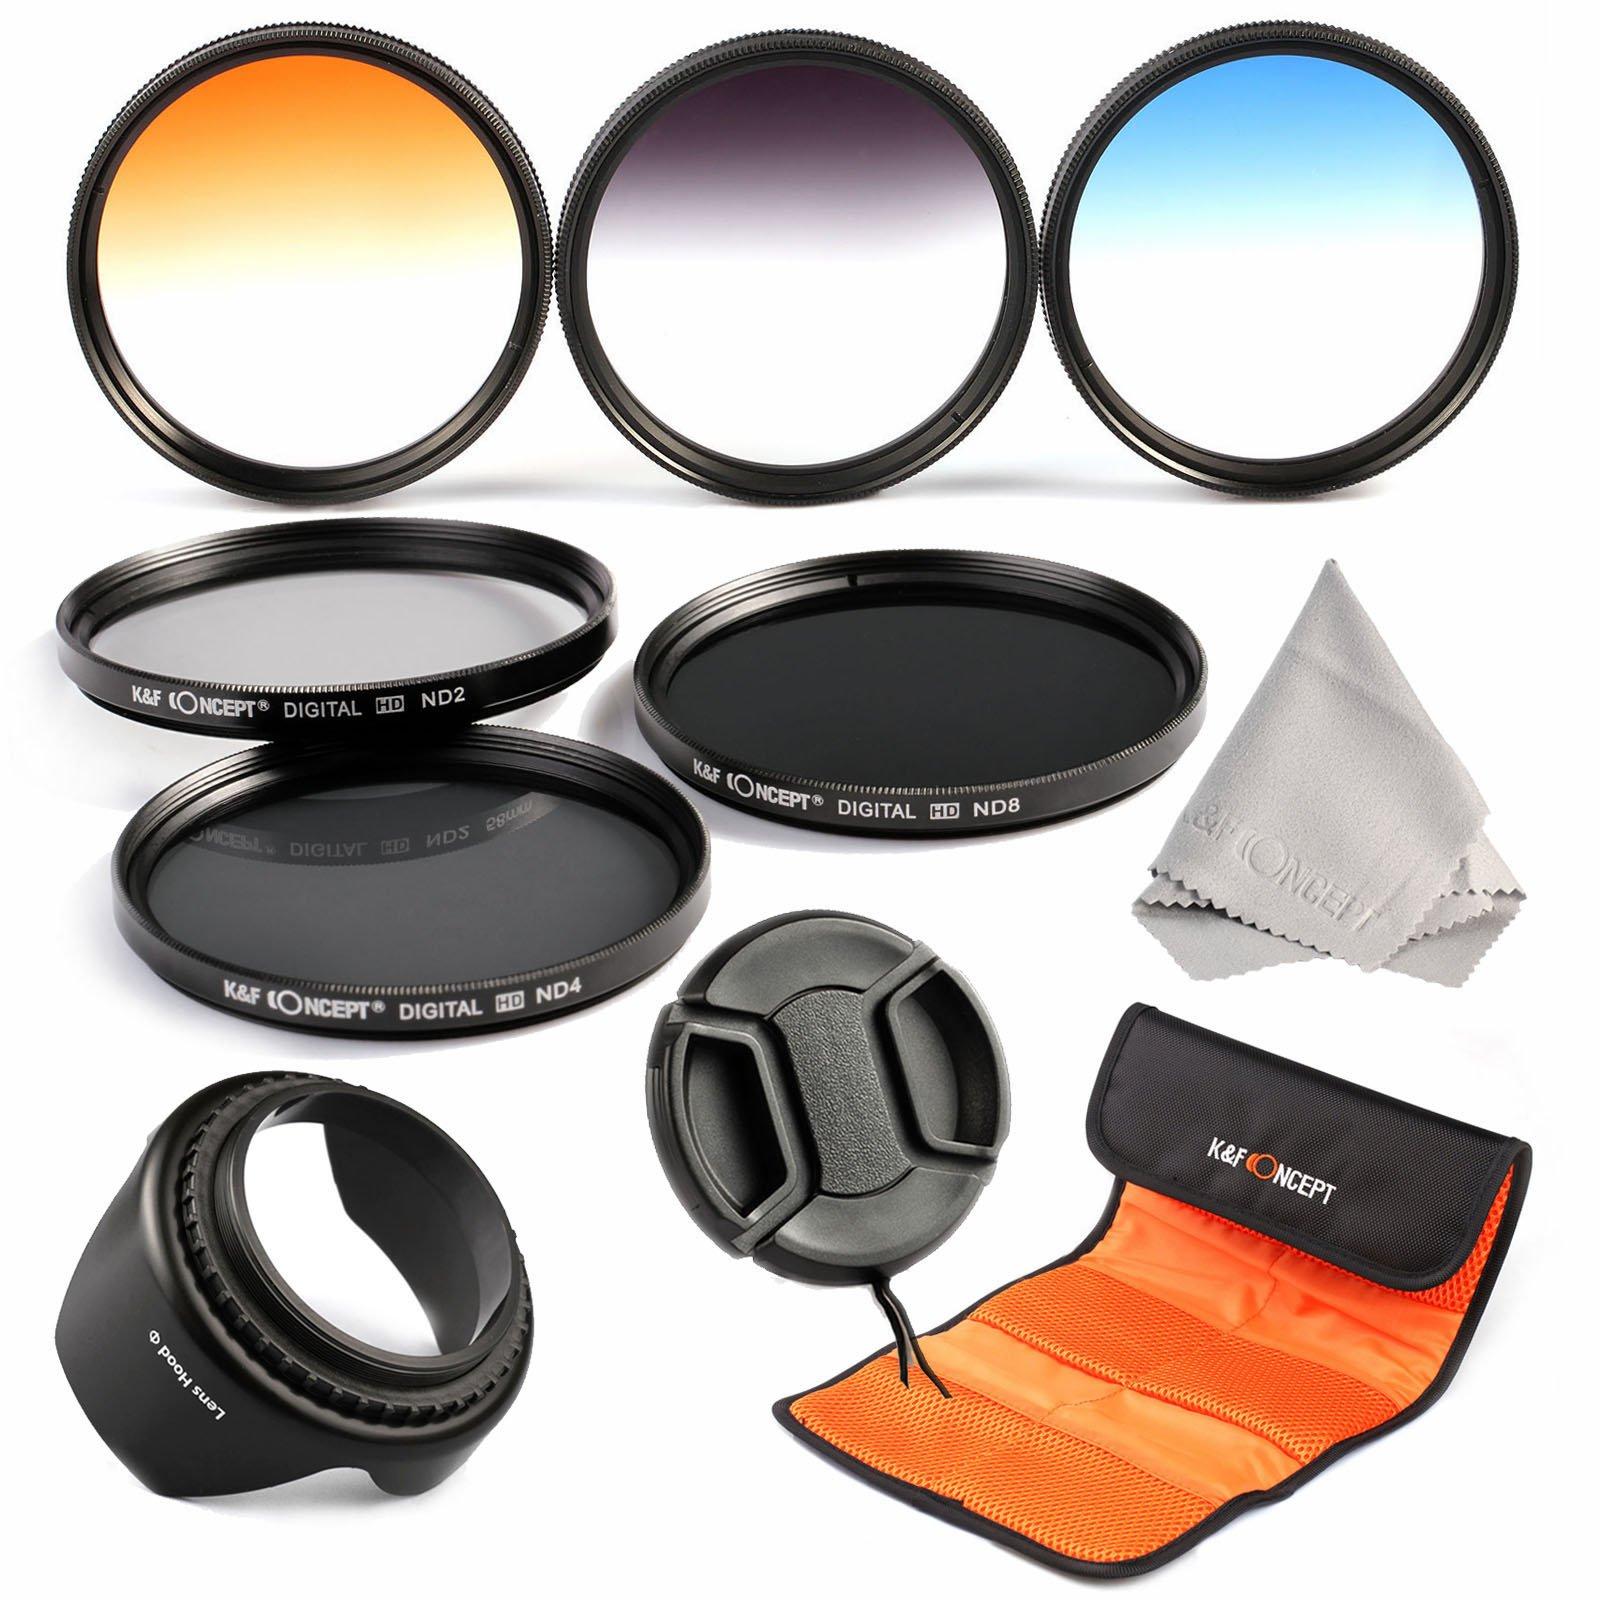 52mm filter set, K&F Concept 52mm 6pcs Professional Lens Filter Kit Neutral Density Filters Set (ND2 ND4 ND8) + Slim Graduated Color Filter Set (Blue Orange Gray) For Nikon DSLR Cameras Lens